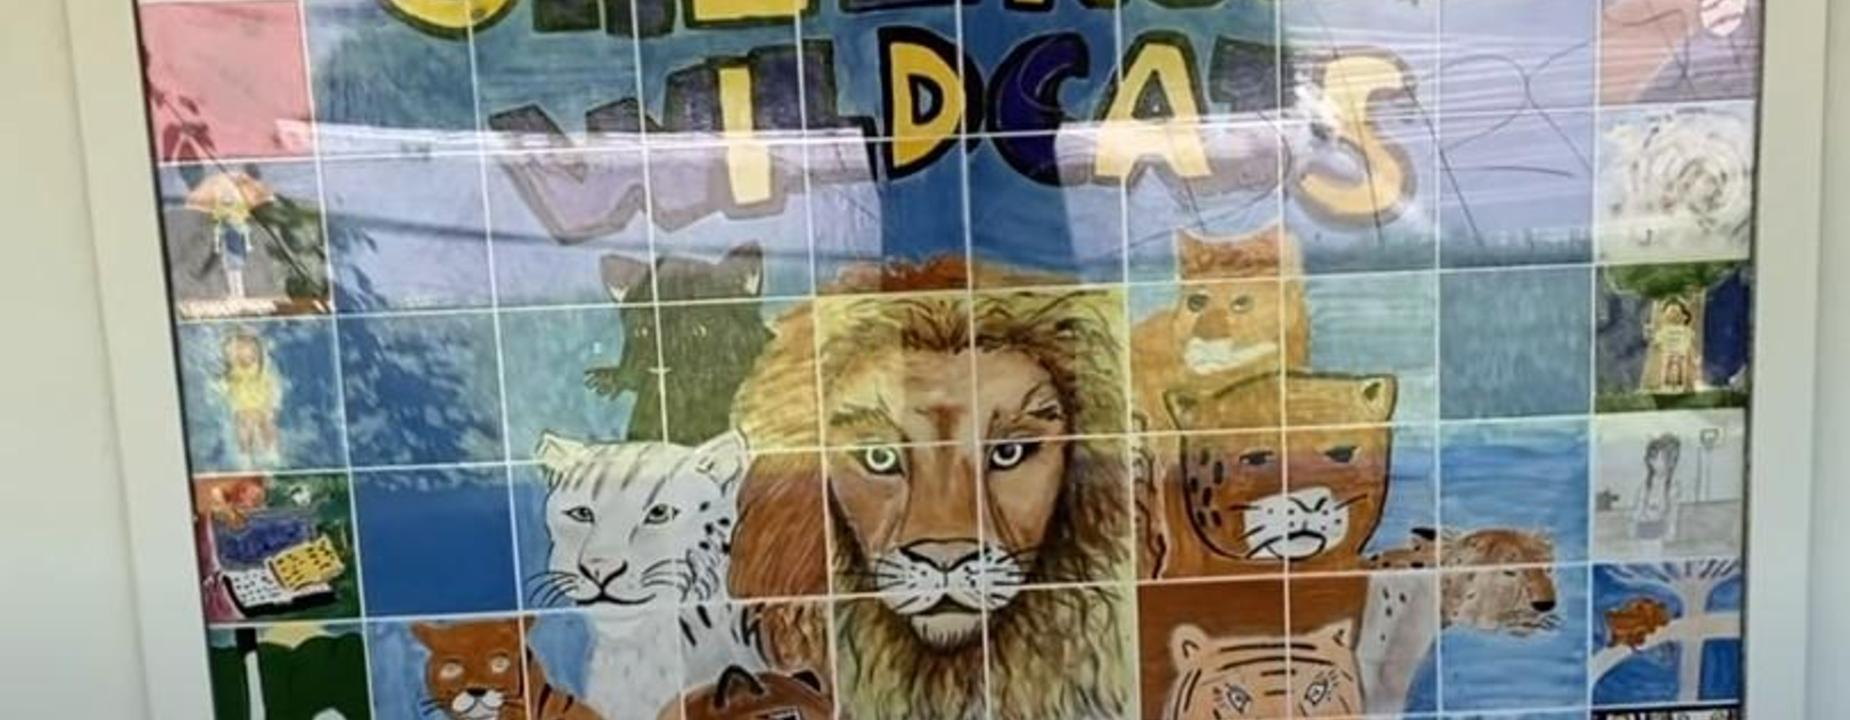 Wildcat Tile Mural